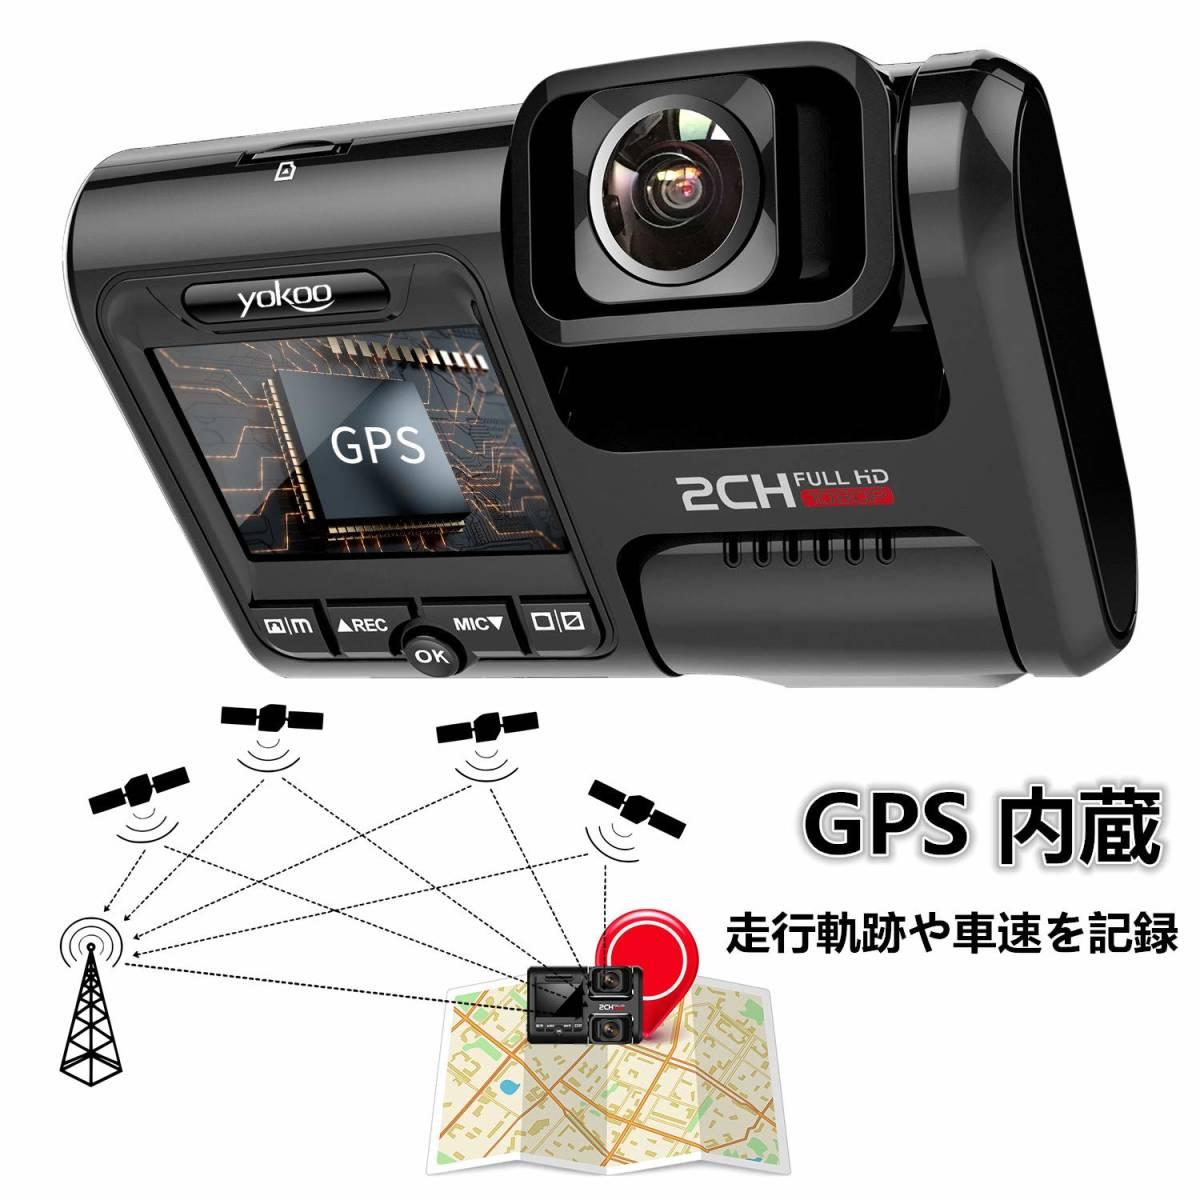 新品未使用 【32Gカード付き】ドライブレコーダー 前後カメラ 1080PフルHD wifi搭載 内蔵GPS sonyセンサー 1200万画素_画像3